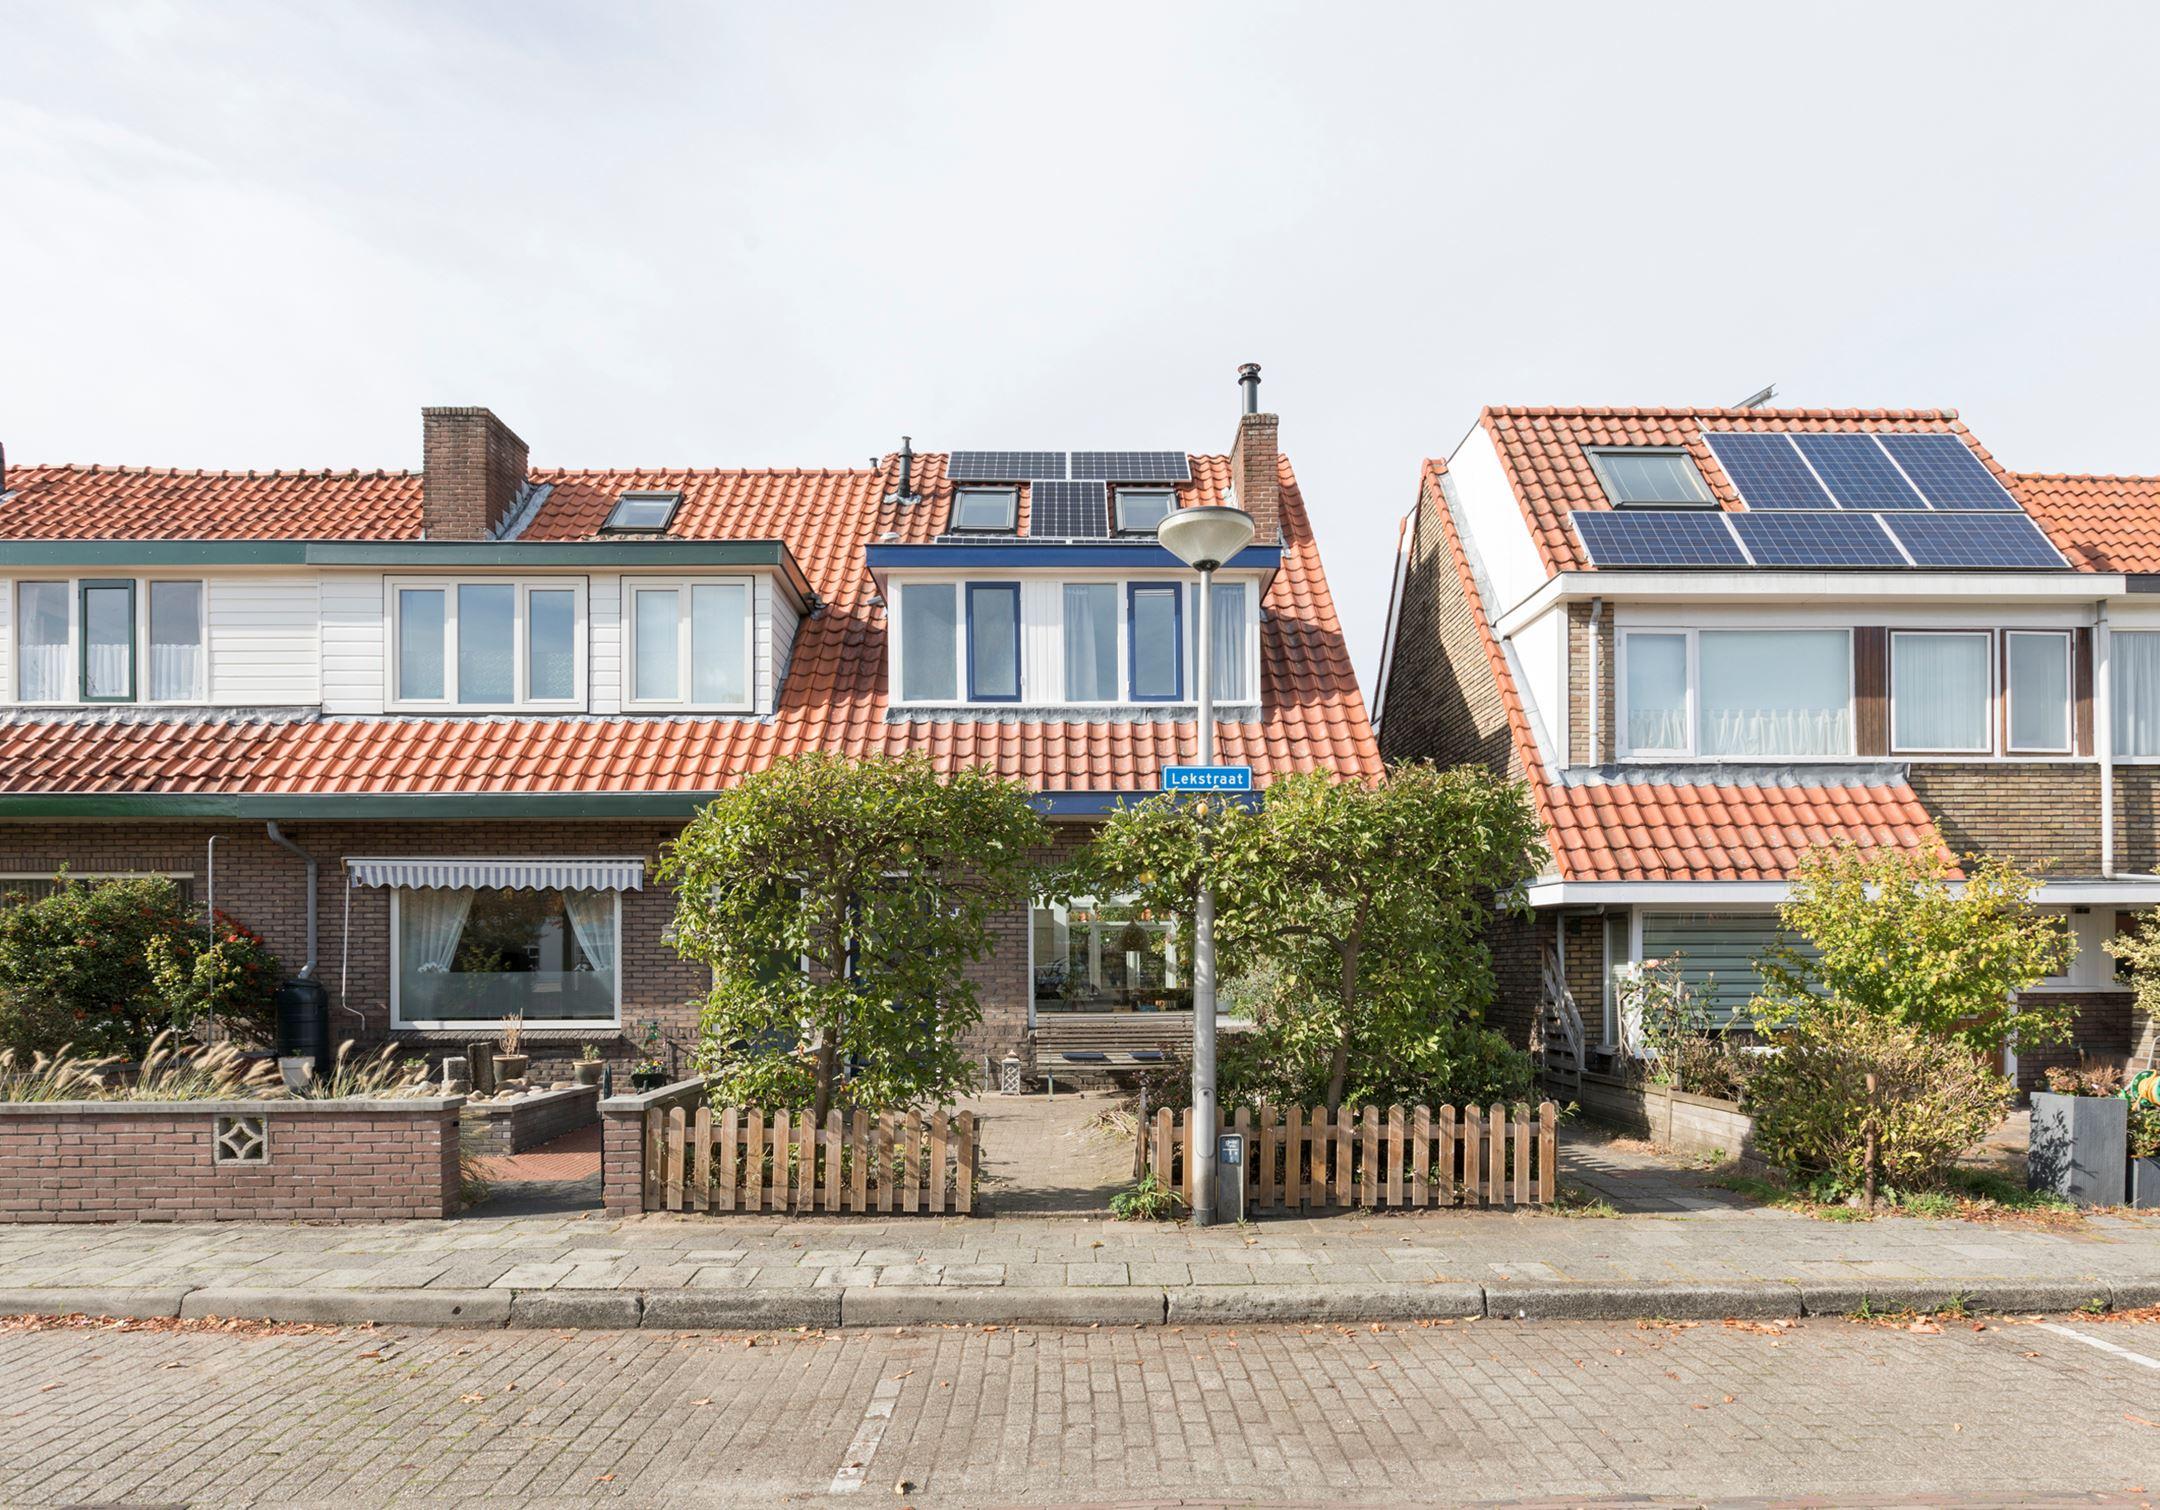 Huis te koop lekstraat 28 3812 jb amersfoort funda for Huizen te koop amersfoort